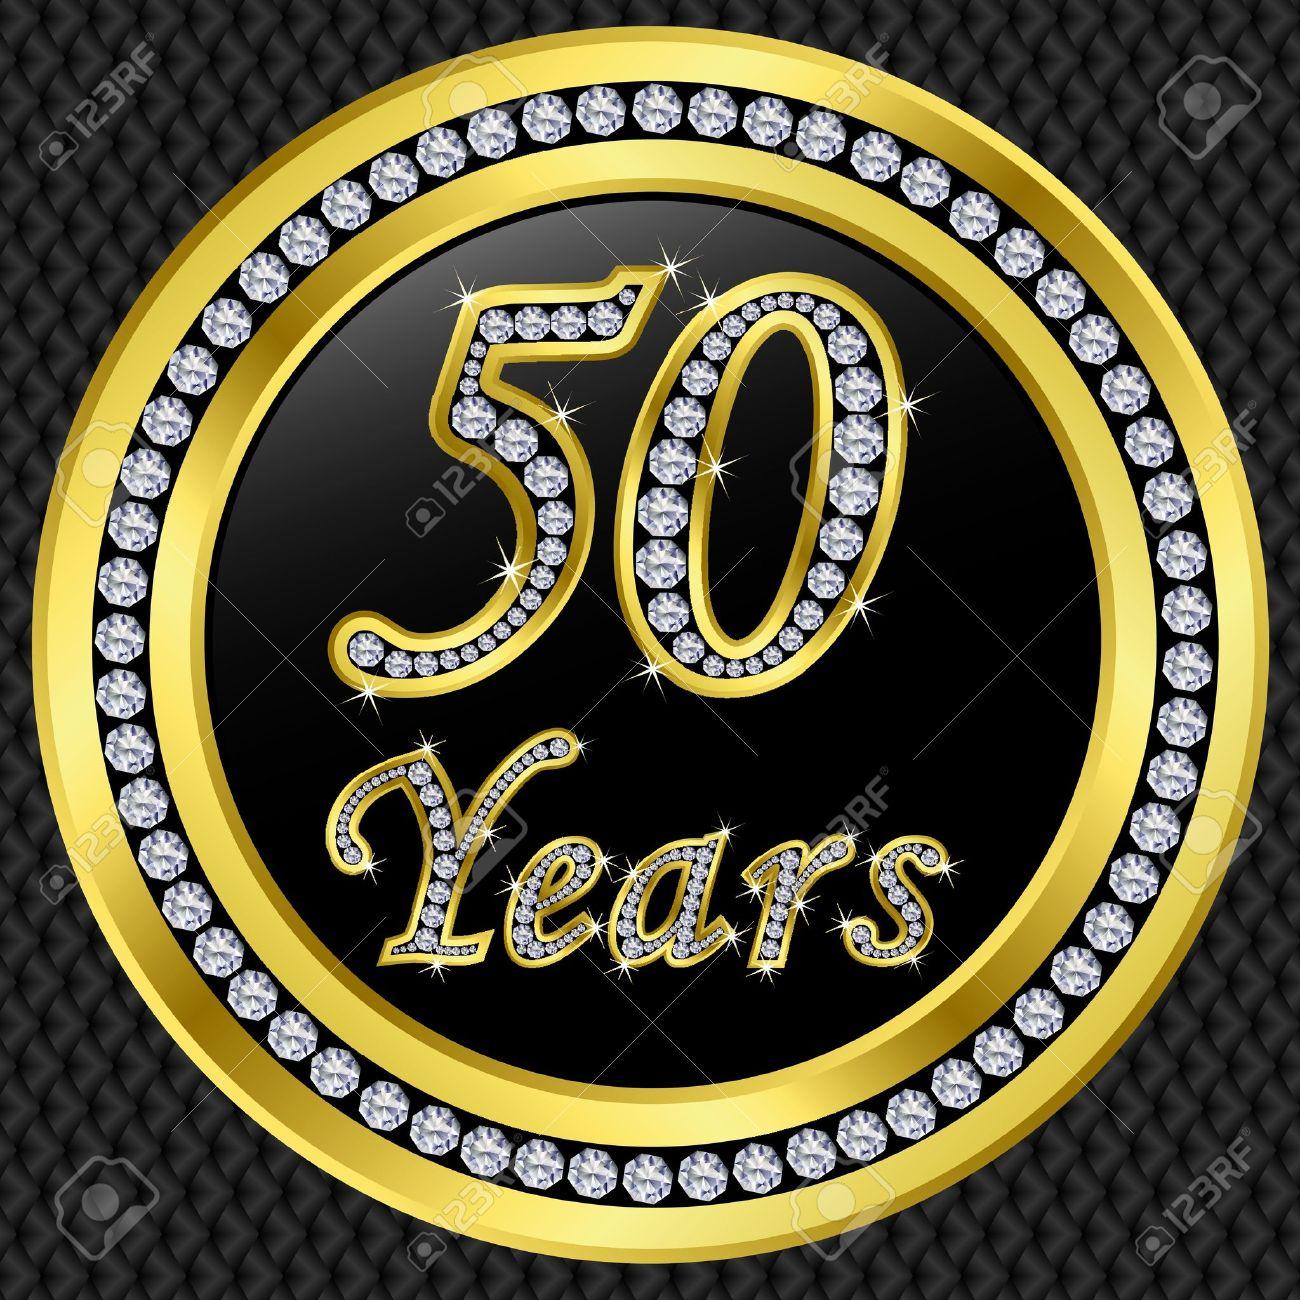 50 Jahre Jubiläum Alles Gute Zum Geburtstag Goldene Symbol Mit ...